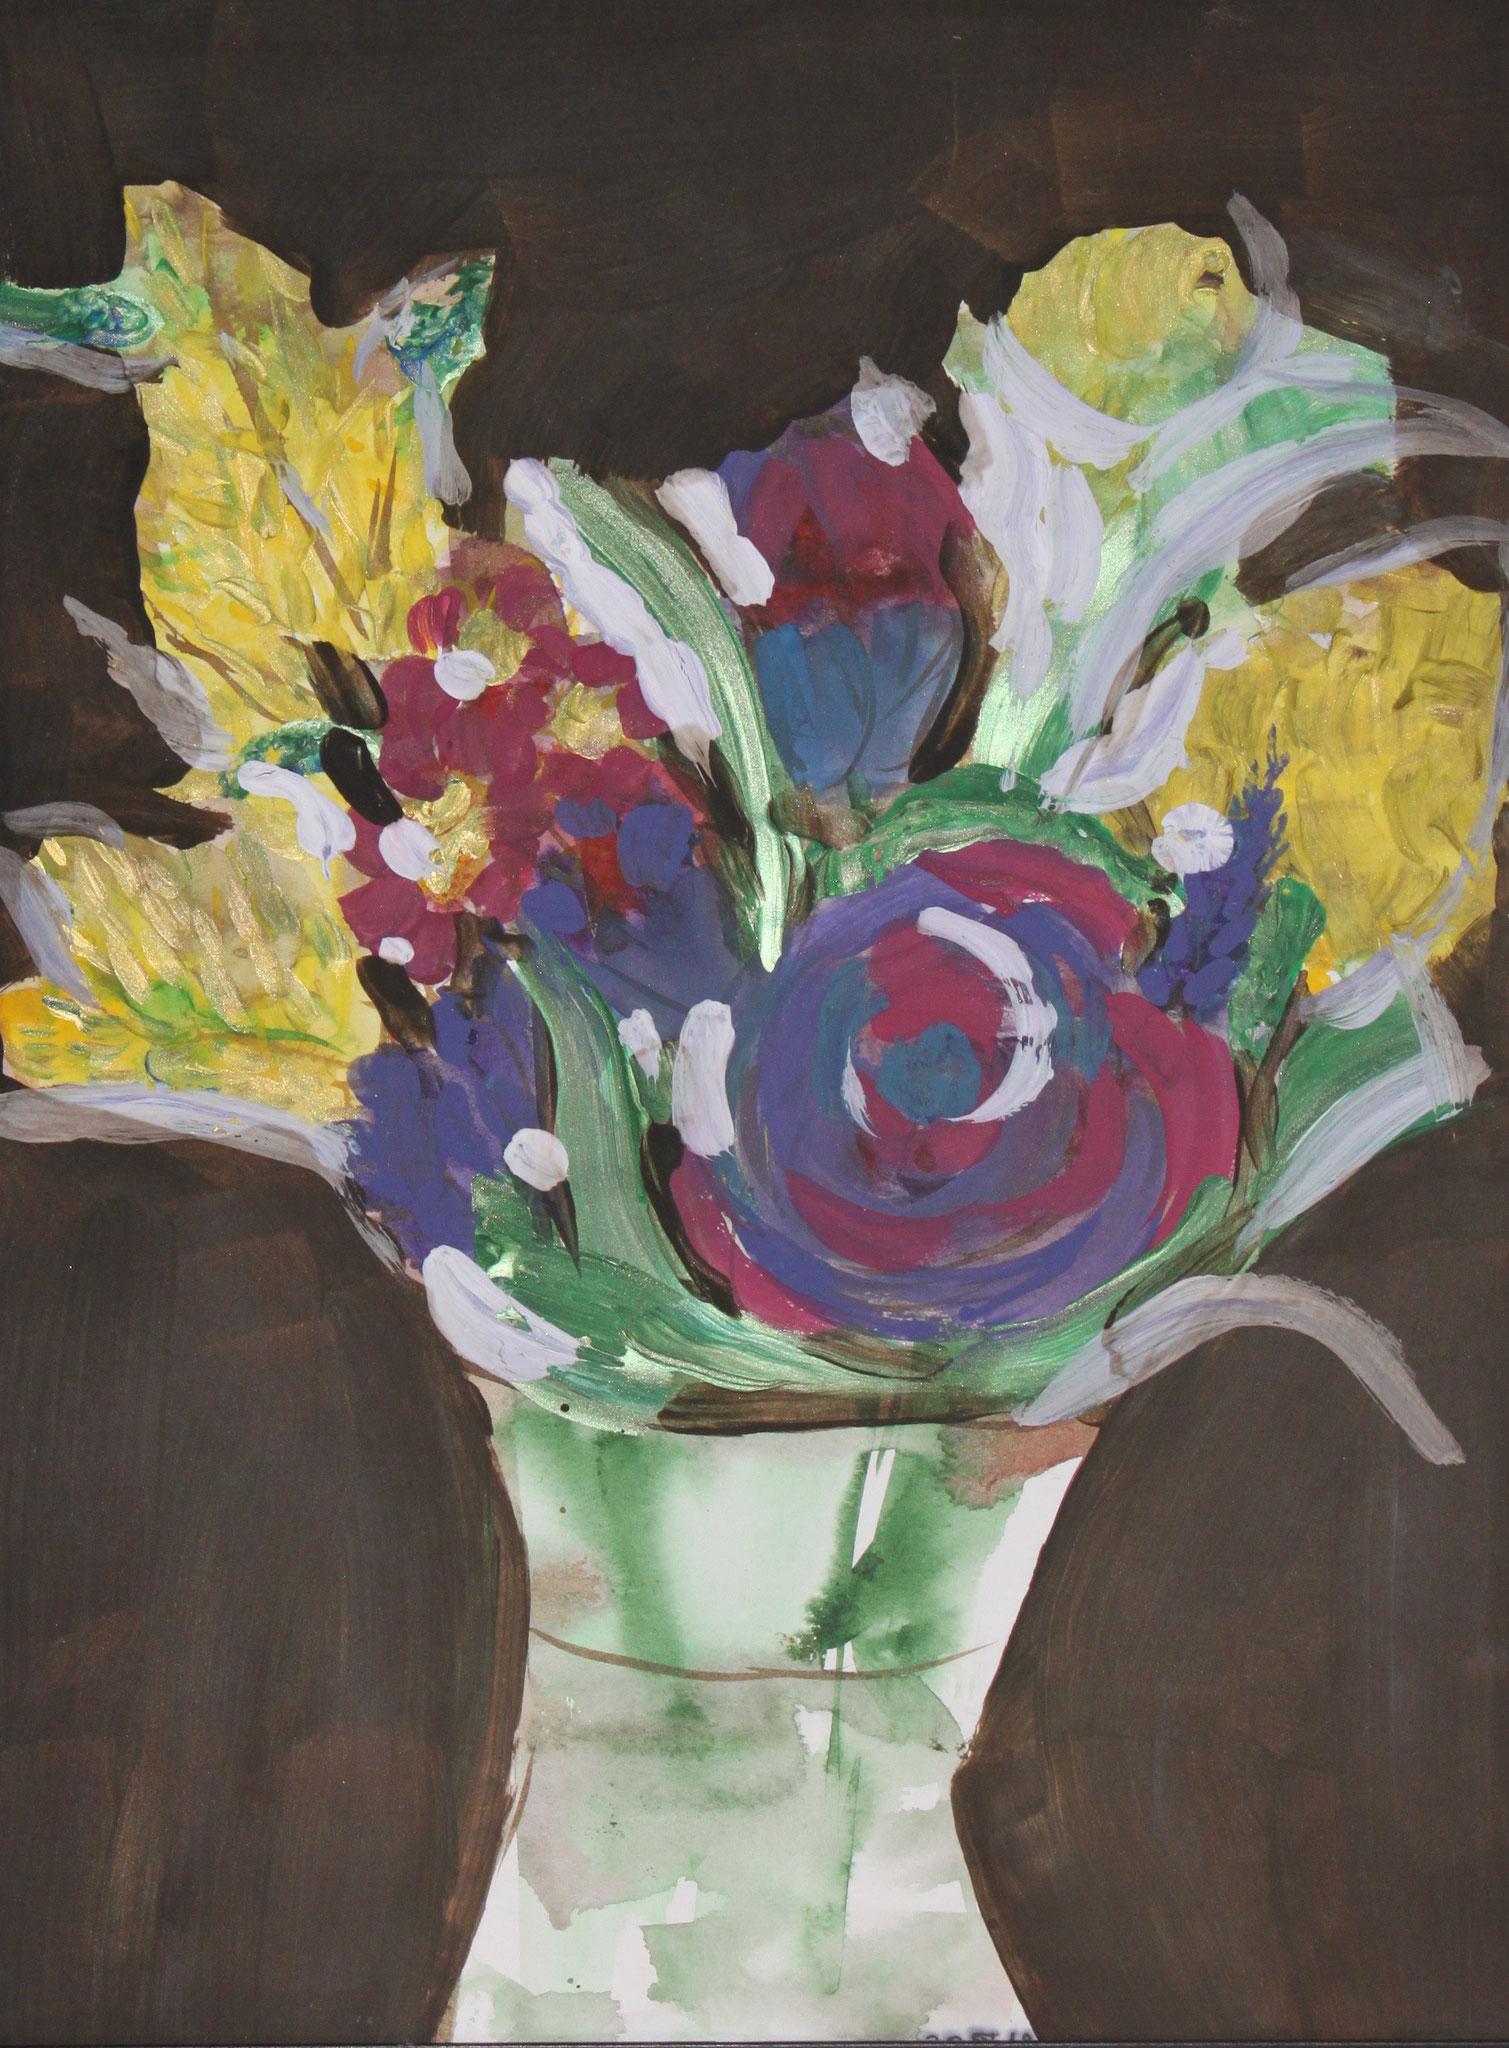 Goldregen, 2018, Gouache und Aquarell auf Papier, 42 cm x 30 cm